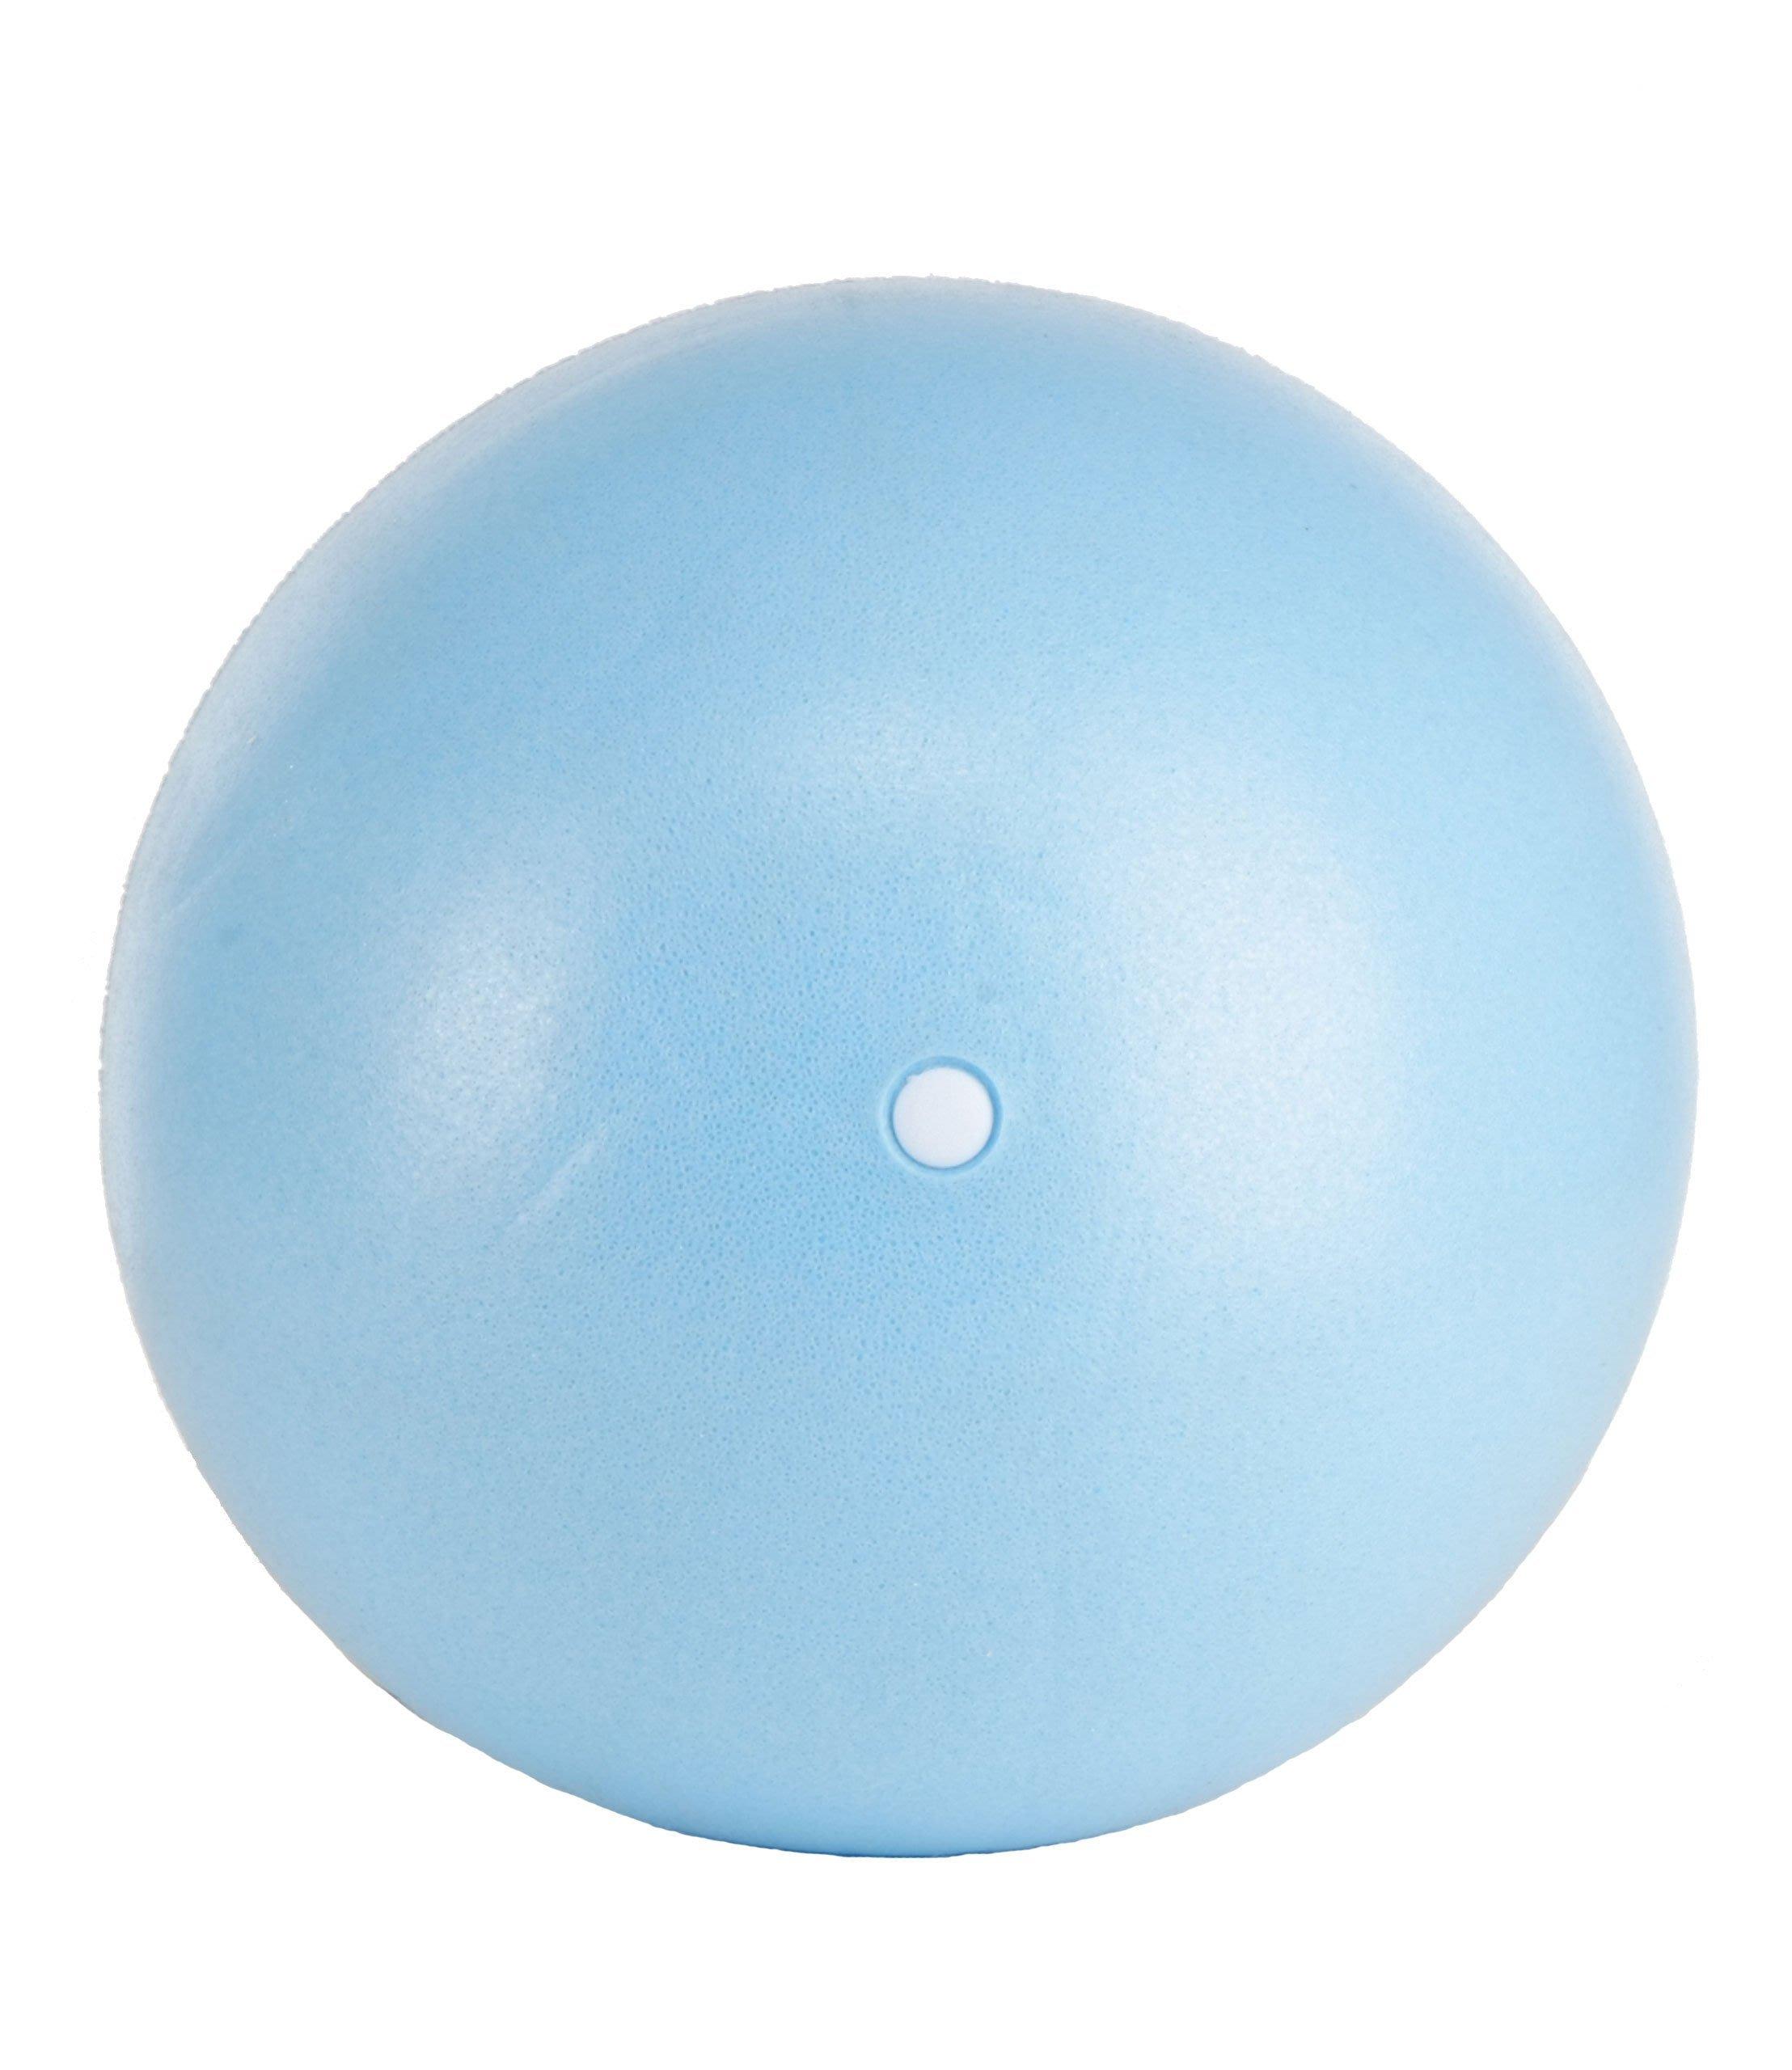 新莊新太陽 ALEX 丹力 B-3020 多功能 瑜珈球 韻律球 水藍色 直徑20CM 特價150